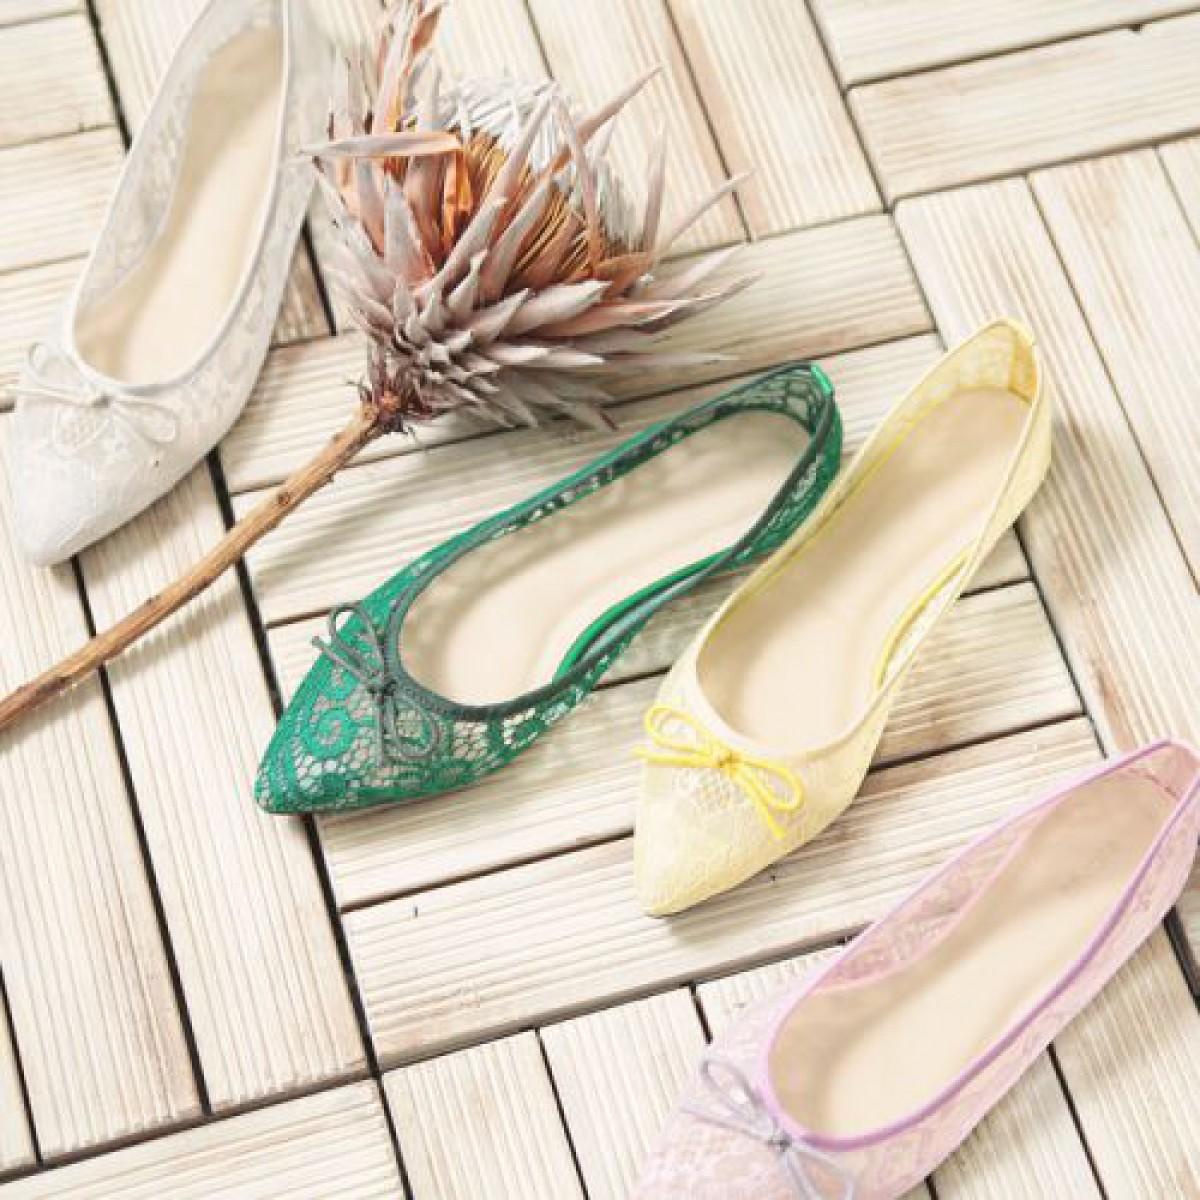 靴こそプチプラで履き倒したい♡大人可愛いシューズが揃う人気ブランド7選